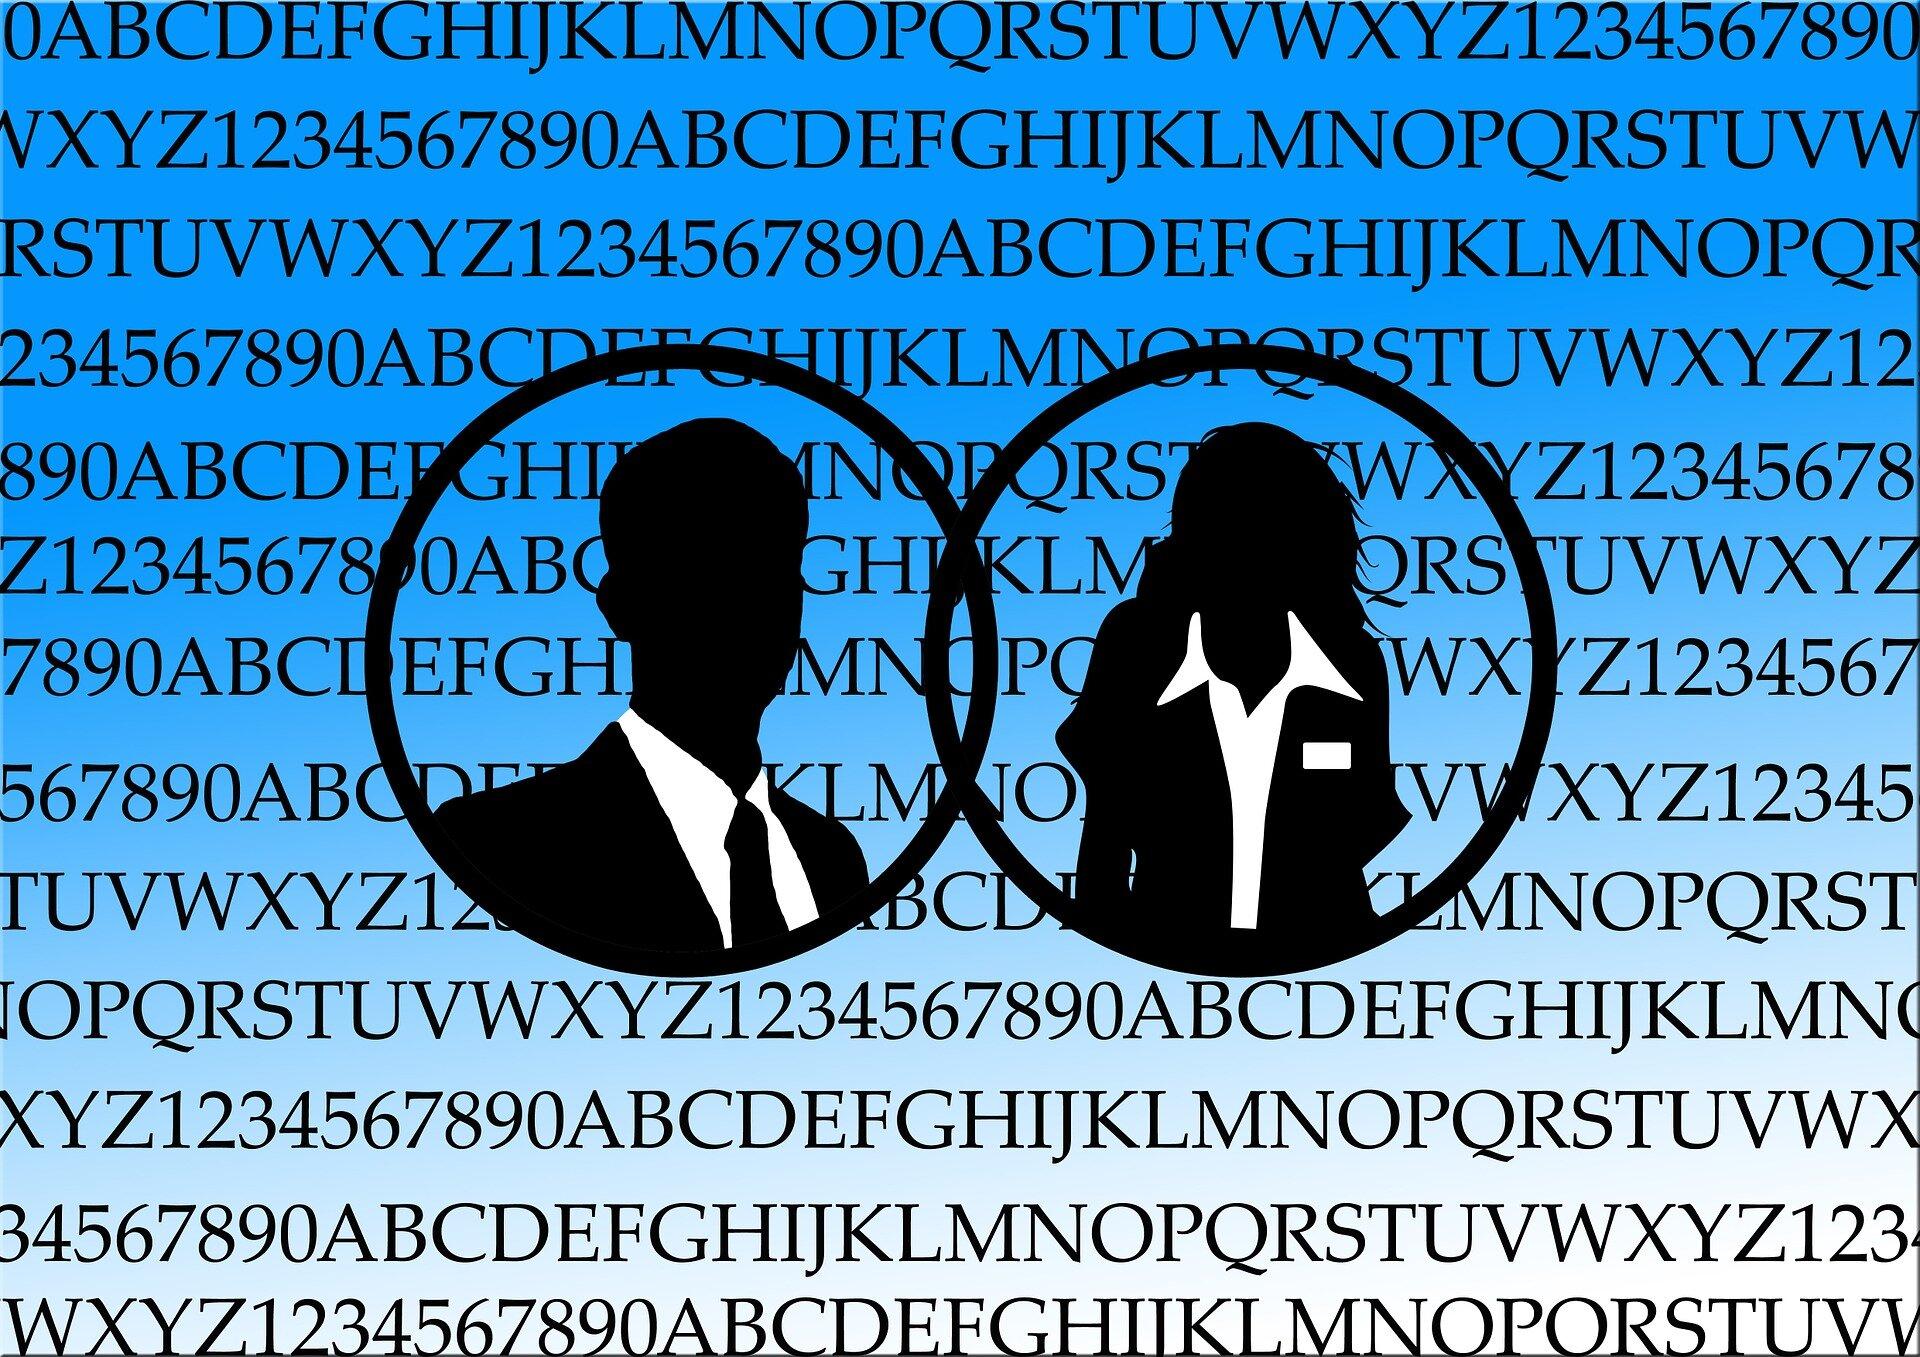 Okładka - imiesłowy iich rodzaje Źródło: pixabay, licencja: CC 0.